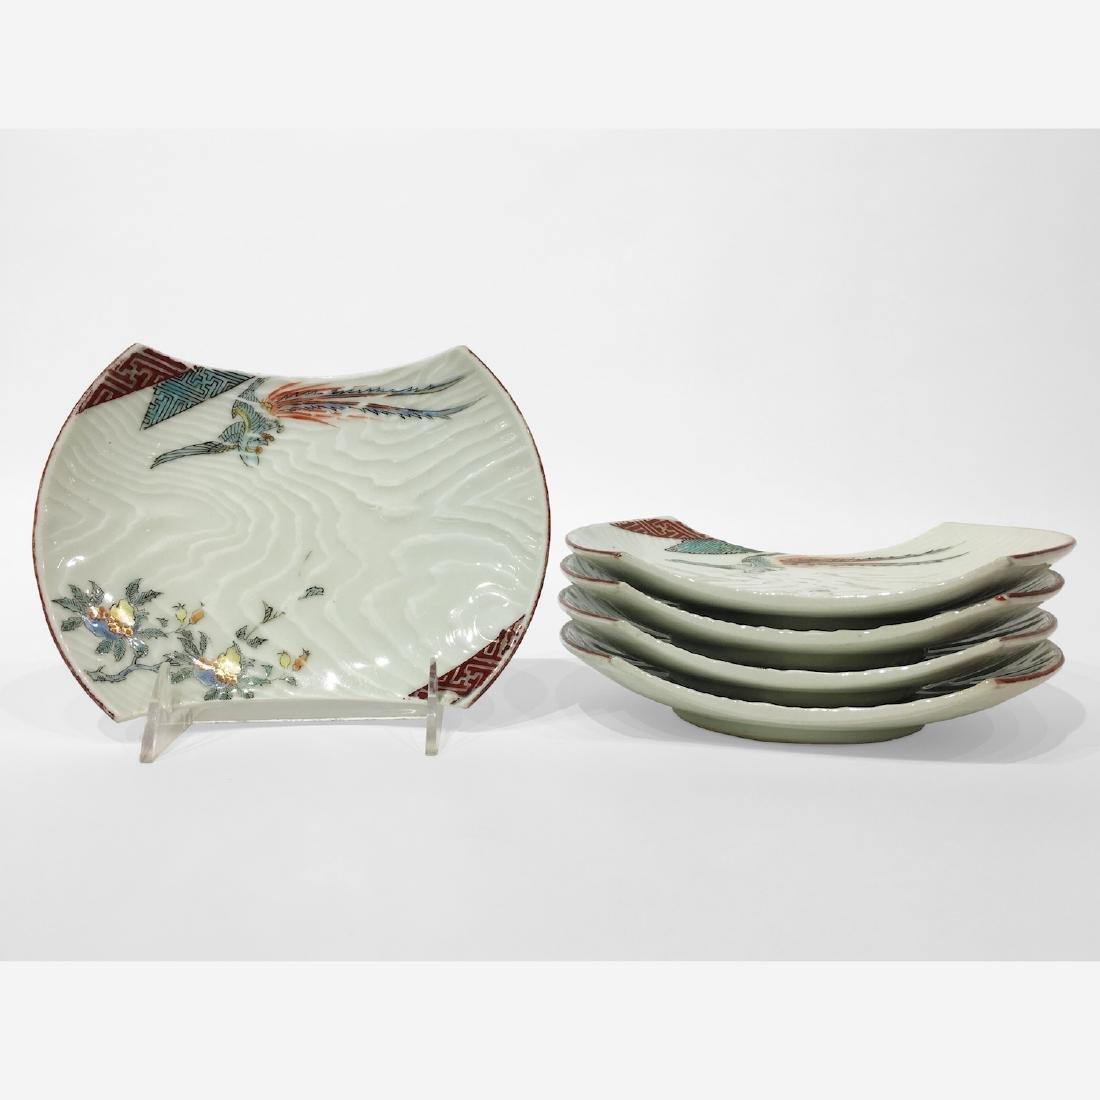 Set of 5 Japanese Imari Porcelain Dishes